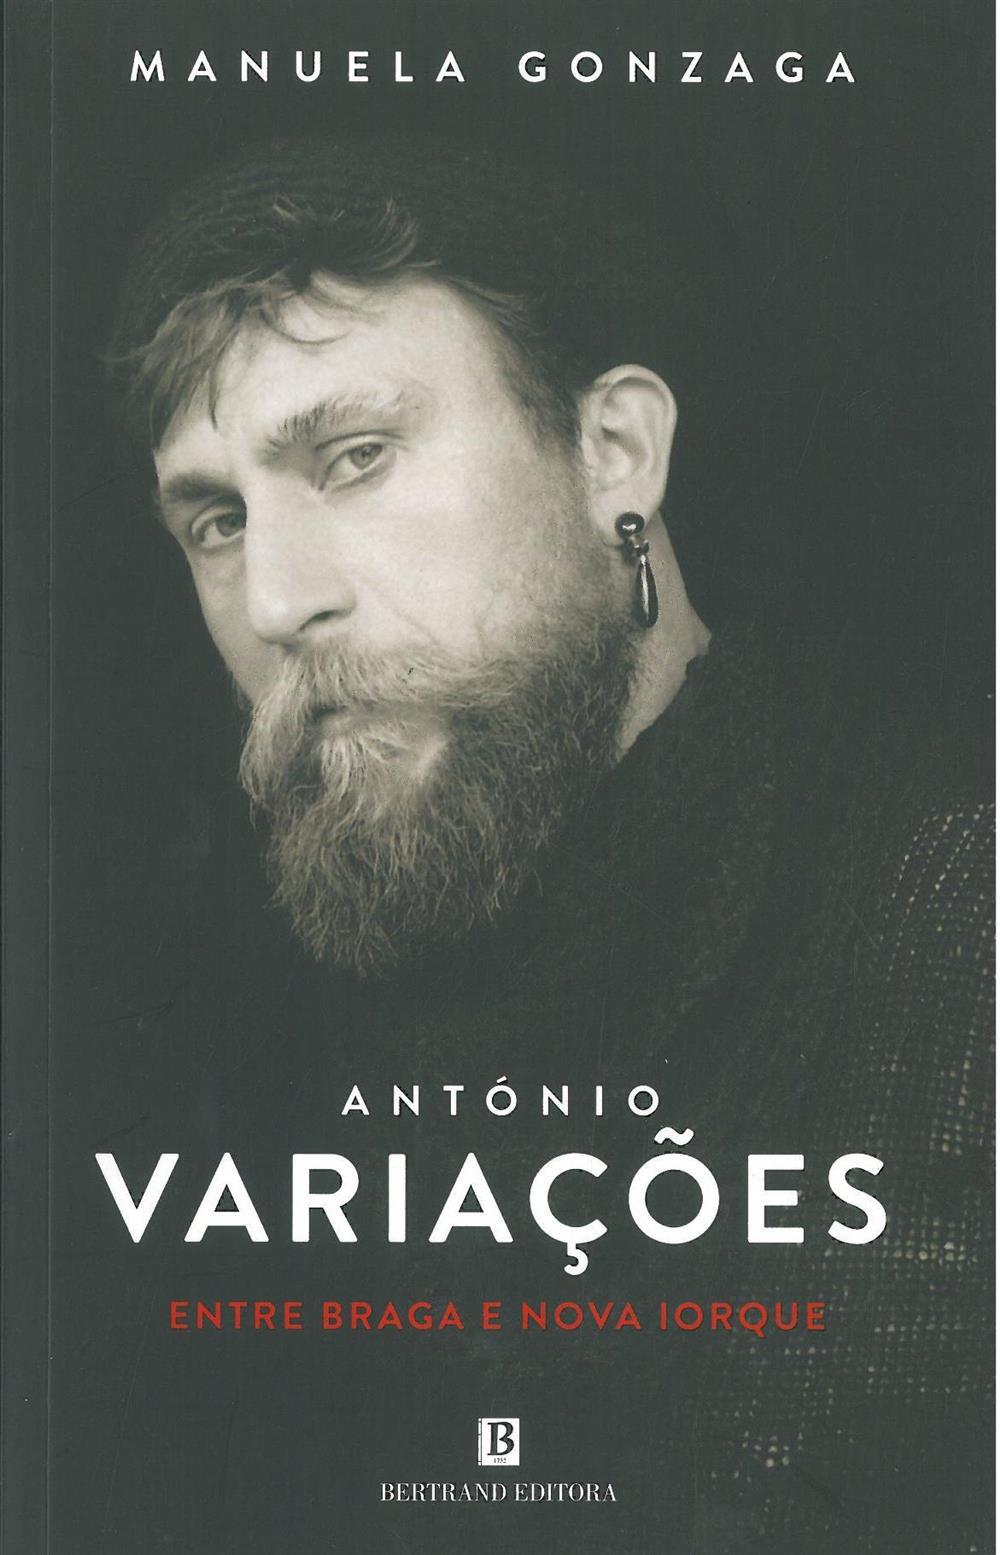 António Variações_.jpg